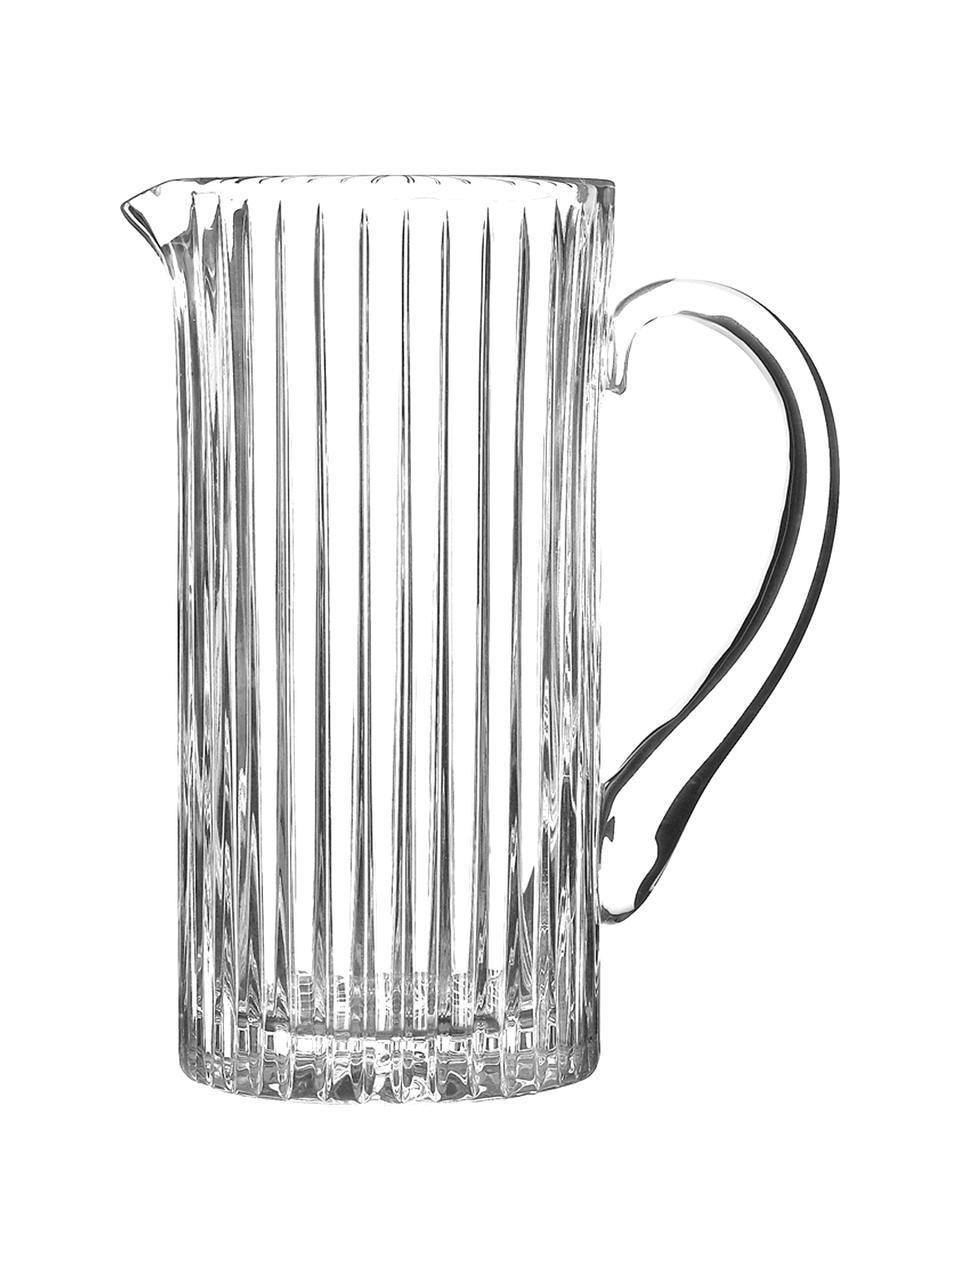 Kryształowy dzbanek Timeless, 1,2 l, Szkło kryształowe Luxion, Transparentny, W 23 cm